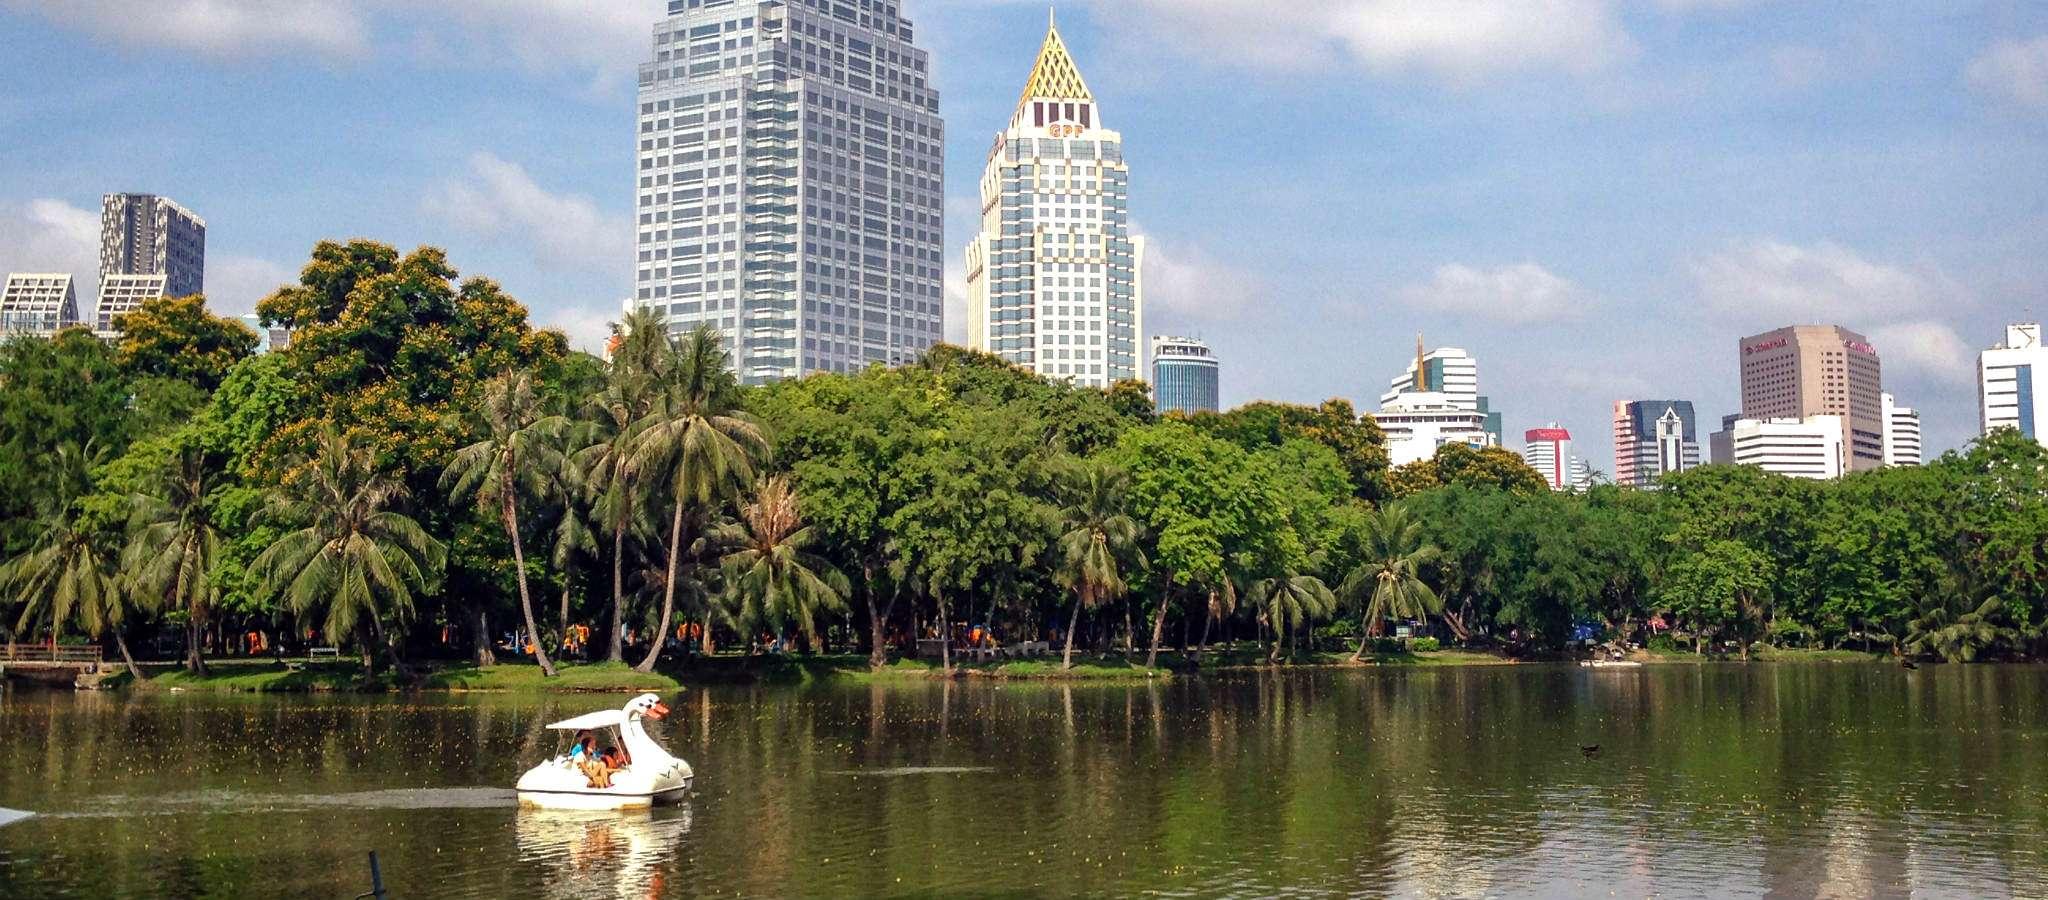 Het meer en zwanenbood in het Lumphini Park in Bangkok, Thailand